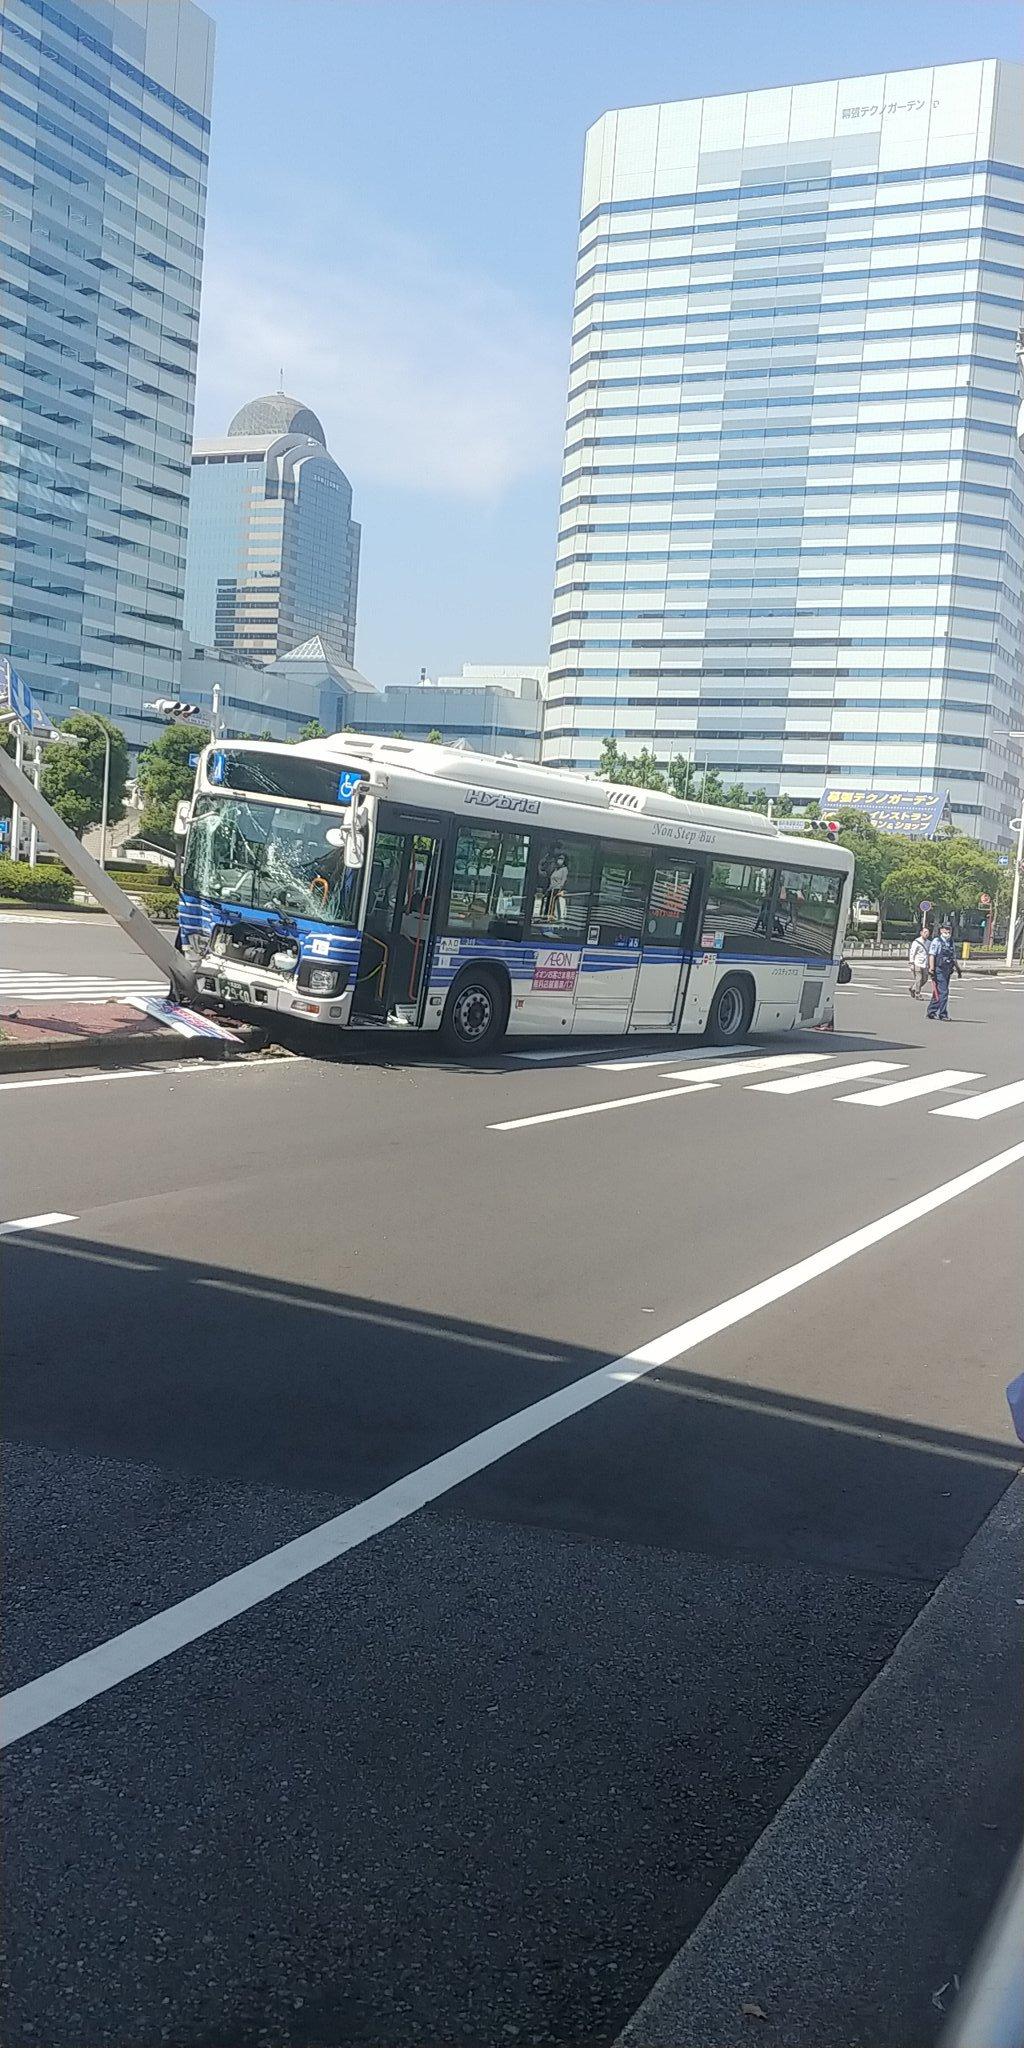 海浜幕張駅前で千葉海浜交通のバスが電柱に衝突している画像